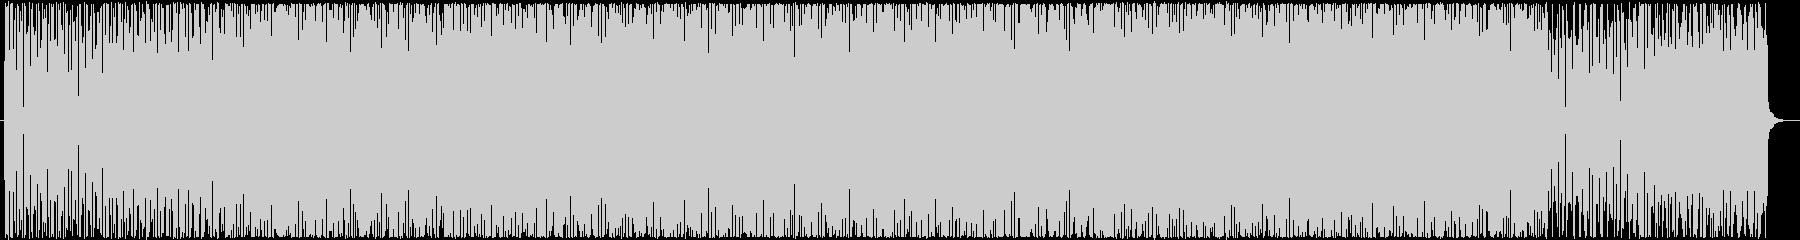 ギターが個性的なアブストラクト系BGMの未再生の波形